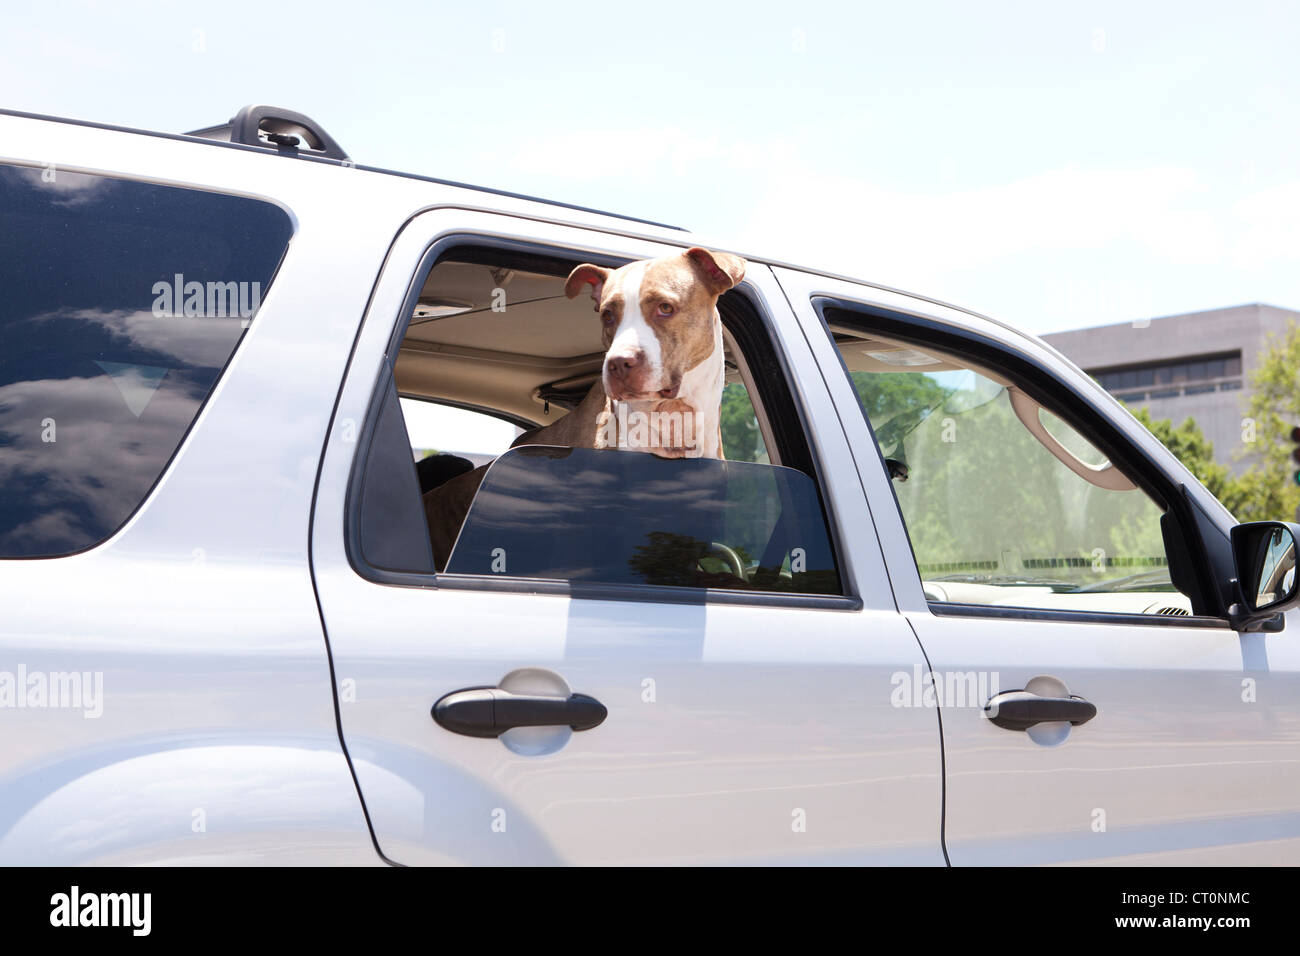 Perro asomado a la ventanilla de un coche Imagen De Stock